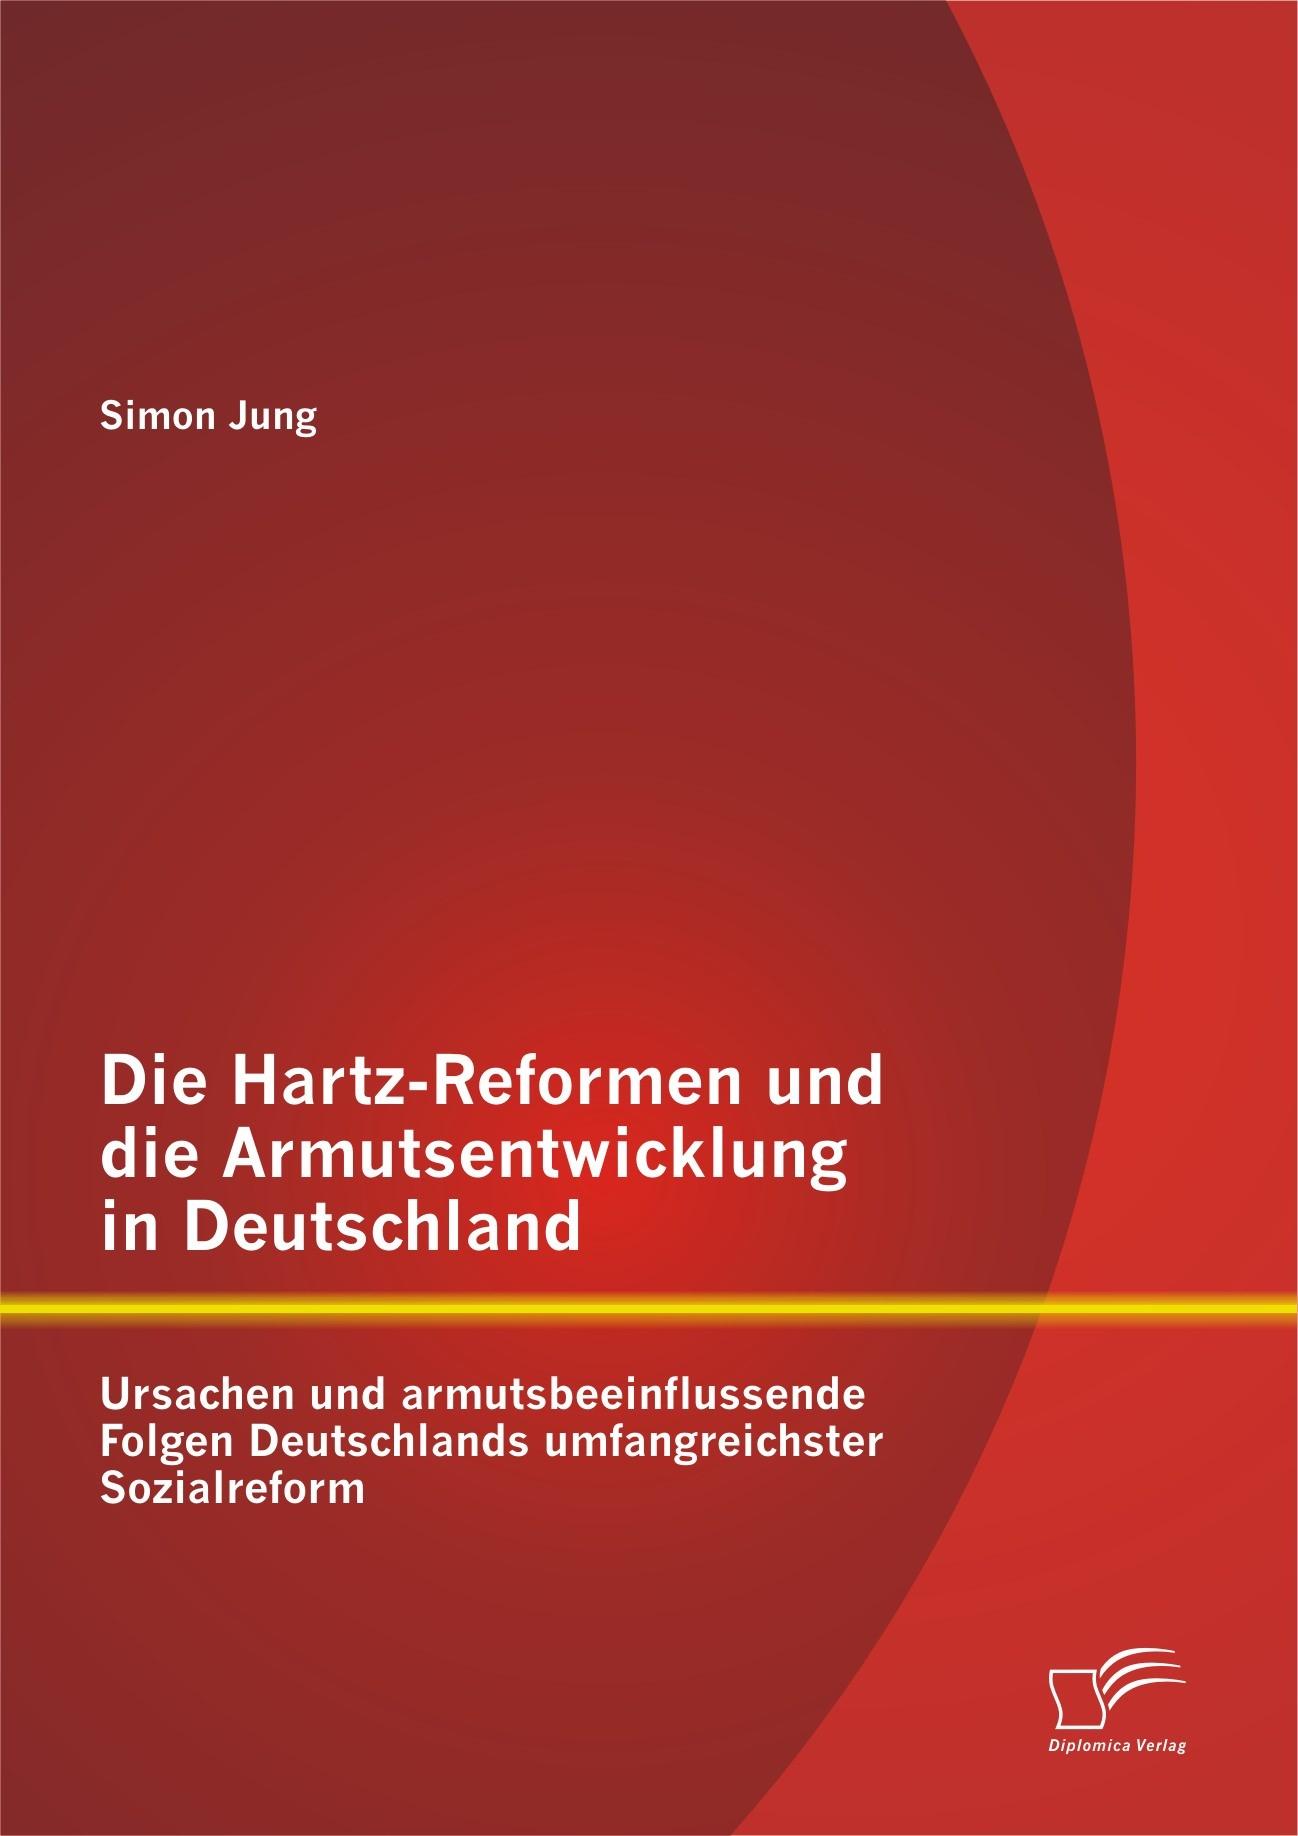 Die Hartz-Reformen und die Armutsentwicklung in Deutschland: Ursachen und armutsbeeinflussende Folgen Deutschlands umfangreichster Sozialreform | Jung, 2013 | Buch (Cover)